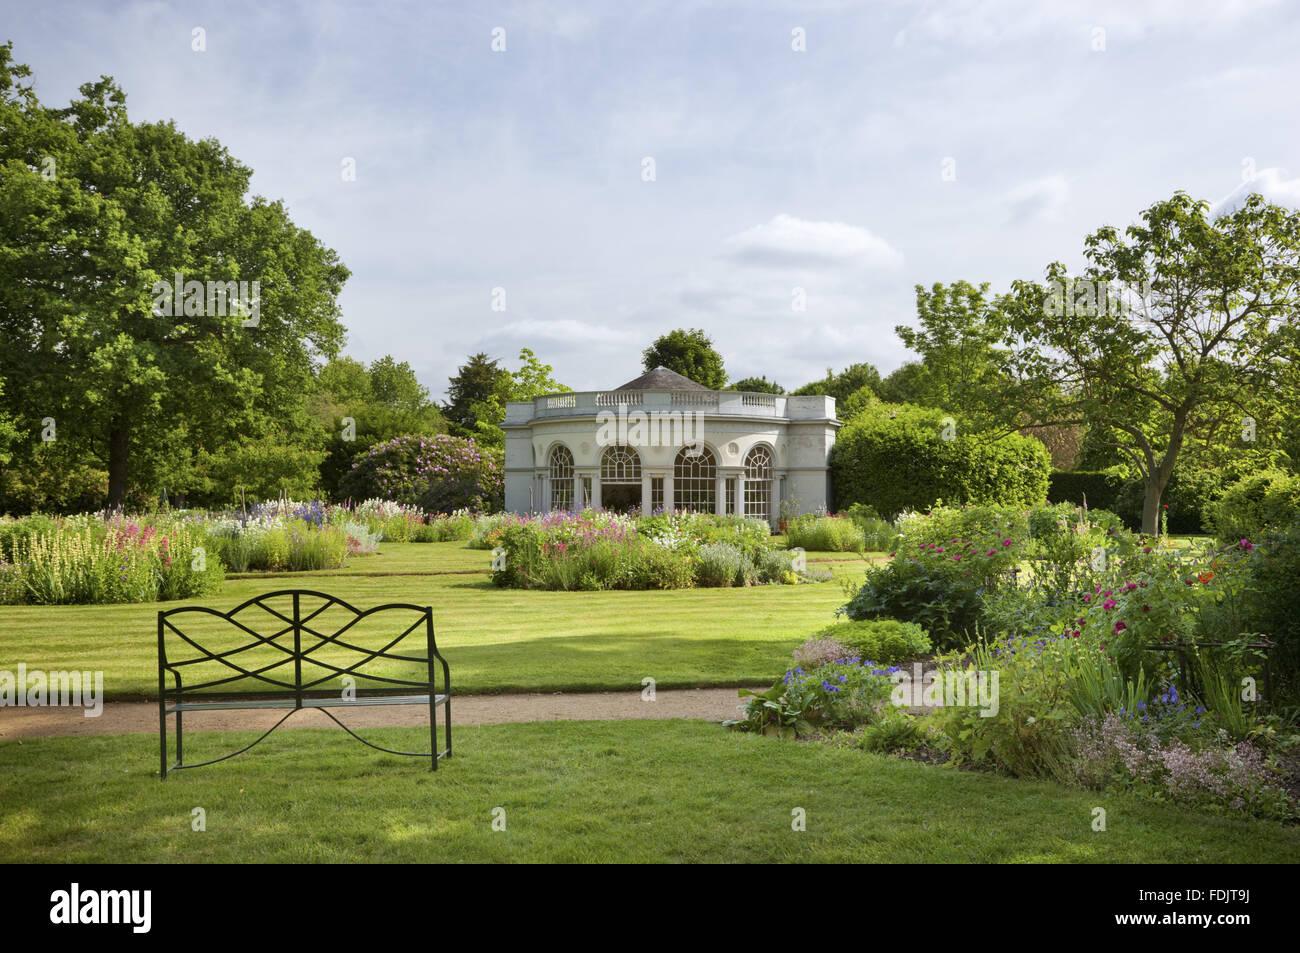 Il Garden House, costruita nel 1780 da Robert Adam, nel piacere di motivi Osterley, Middlesex. L'edificio ha una forma semicircolare anteriore e lesene ioniche. Foto Stock